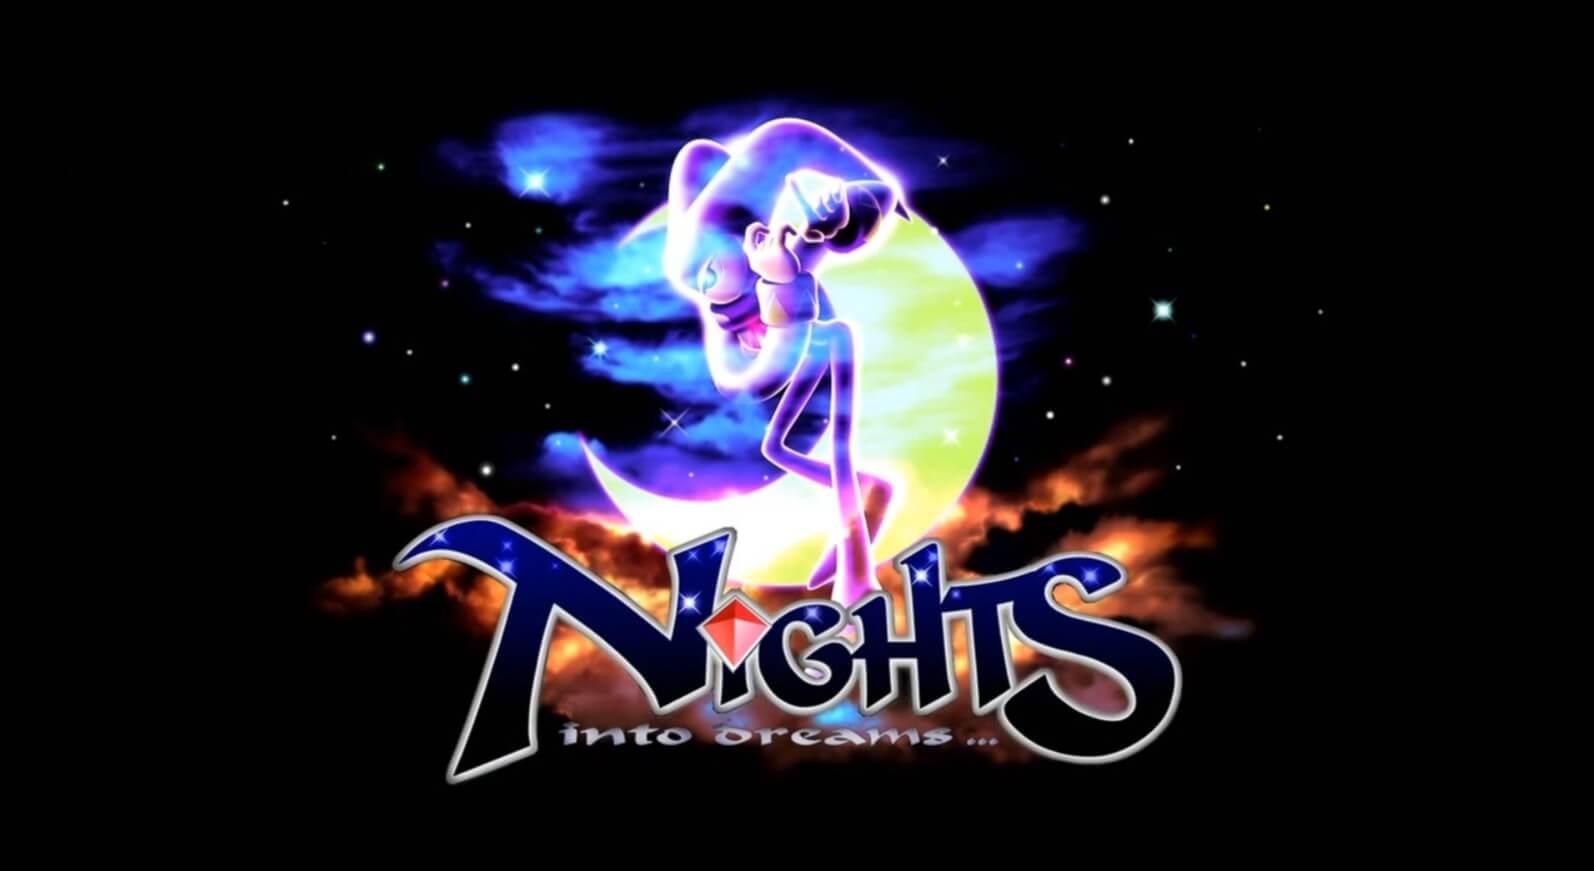 NiGHTS-into-dreams